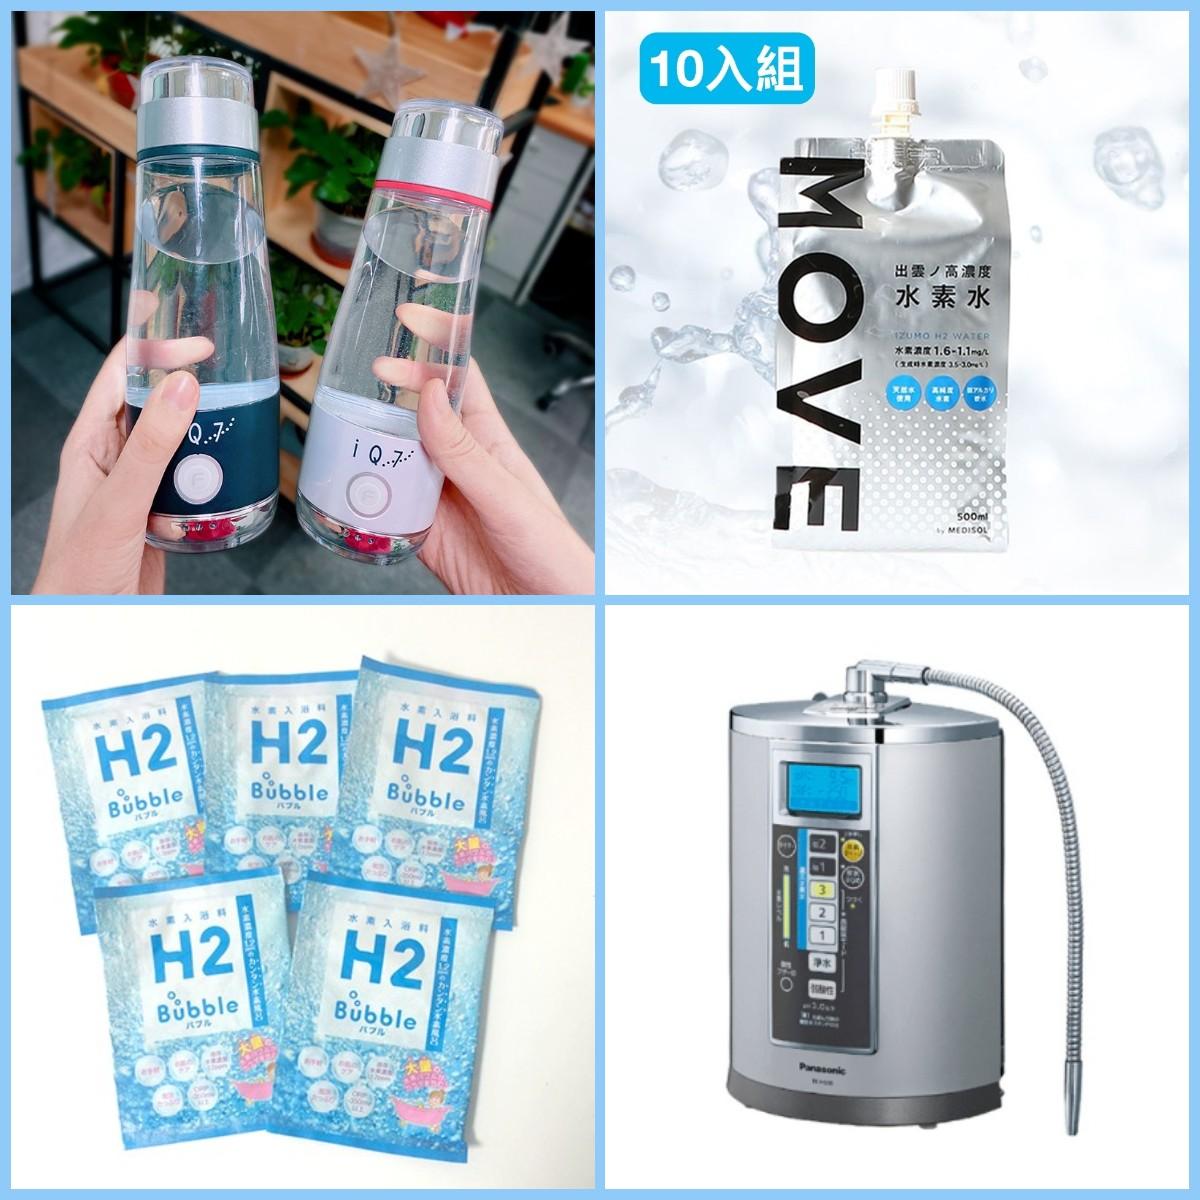 日本水素产品.jpg